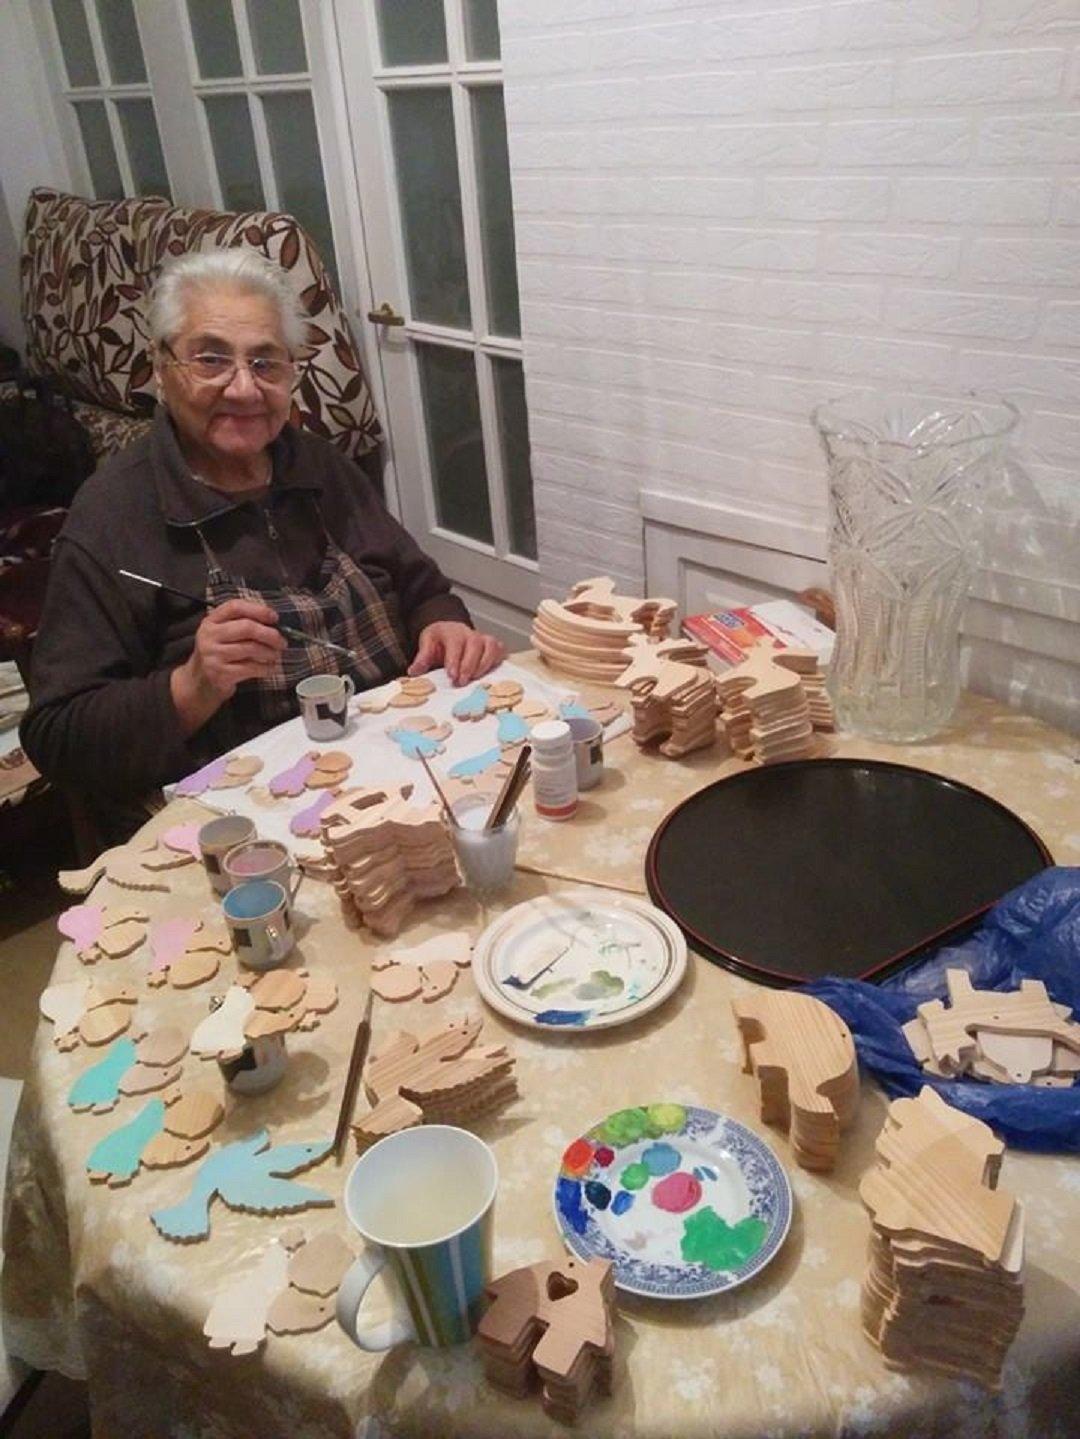 ნელი ოშაყმაშვილი 80 წლის ბებოა, რომელიც  შვილიშვილთან, თაკო ბაქრაძესთან ერთად, ნაძვის ხის სათამაშოებს თავად ამზადებს.